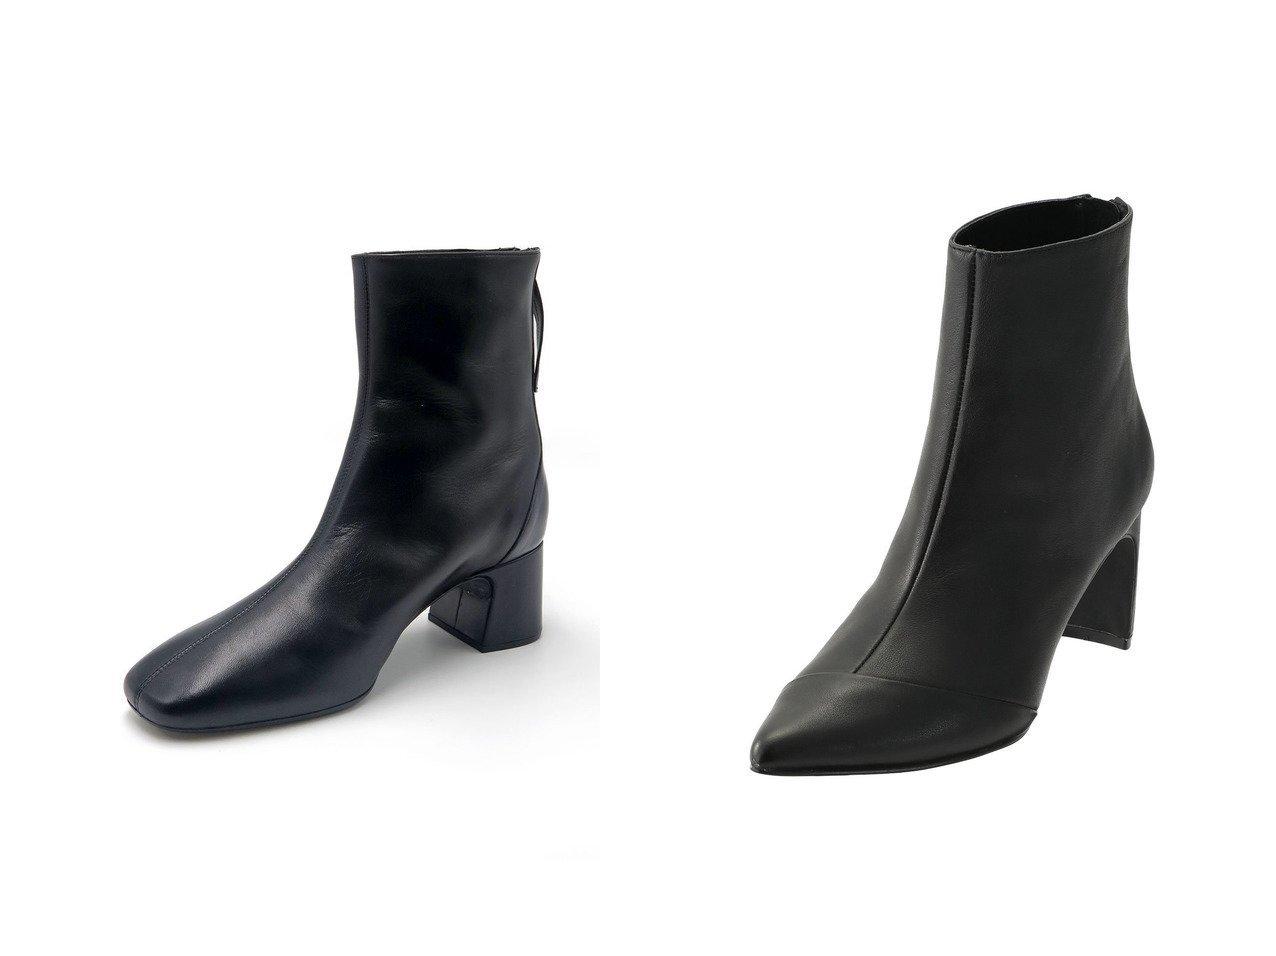 【Esmeralda/エスメラルダ】の【UNISA】バックジップスクエアトゥブーツ&【RIM.ARK/リムアーク】のブーツ シューズ・靴のおすすめ!人気、レディースファッションの通販  おすすめで人気のファッション通販商品 インテリア・家具・キッズファッション・メンズファッション・レディースファッション・服の通販 founy(ファニー) https://founy.com/ ファッション Fashion レディース WOMEN アシンメトリー ショート シンプル |ID:crp329100000000093